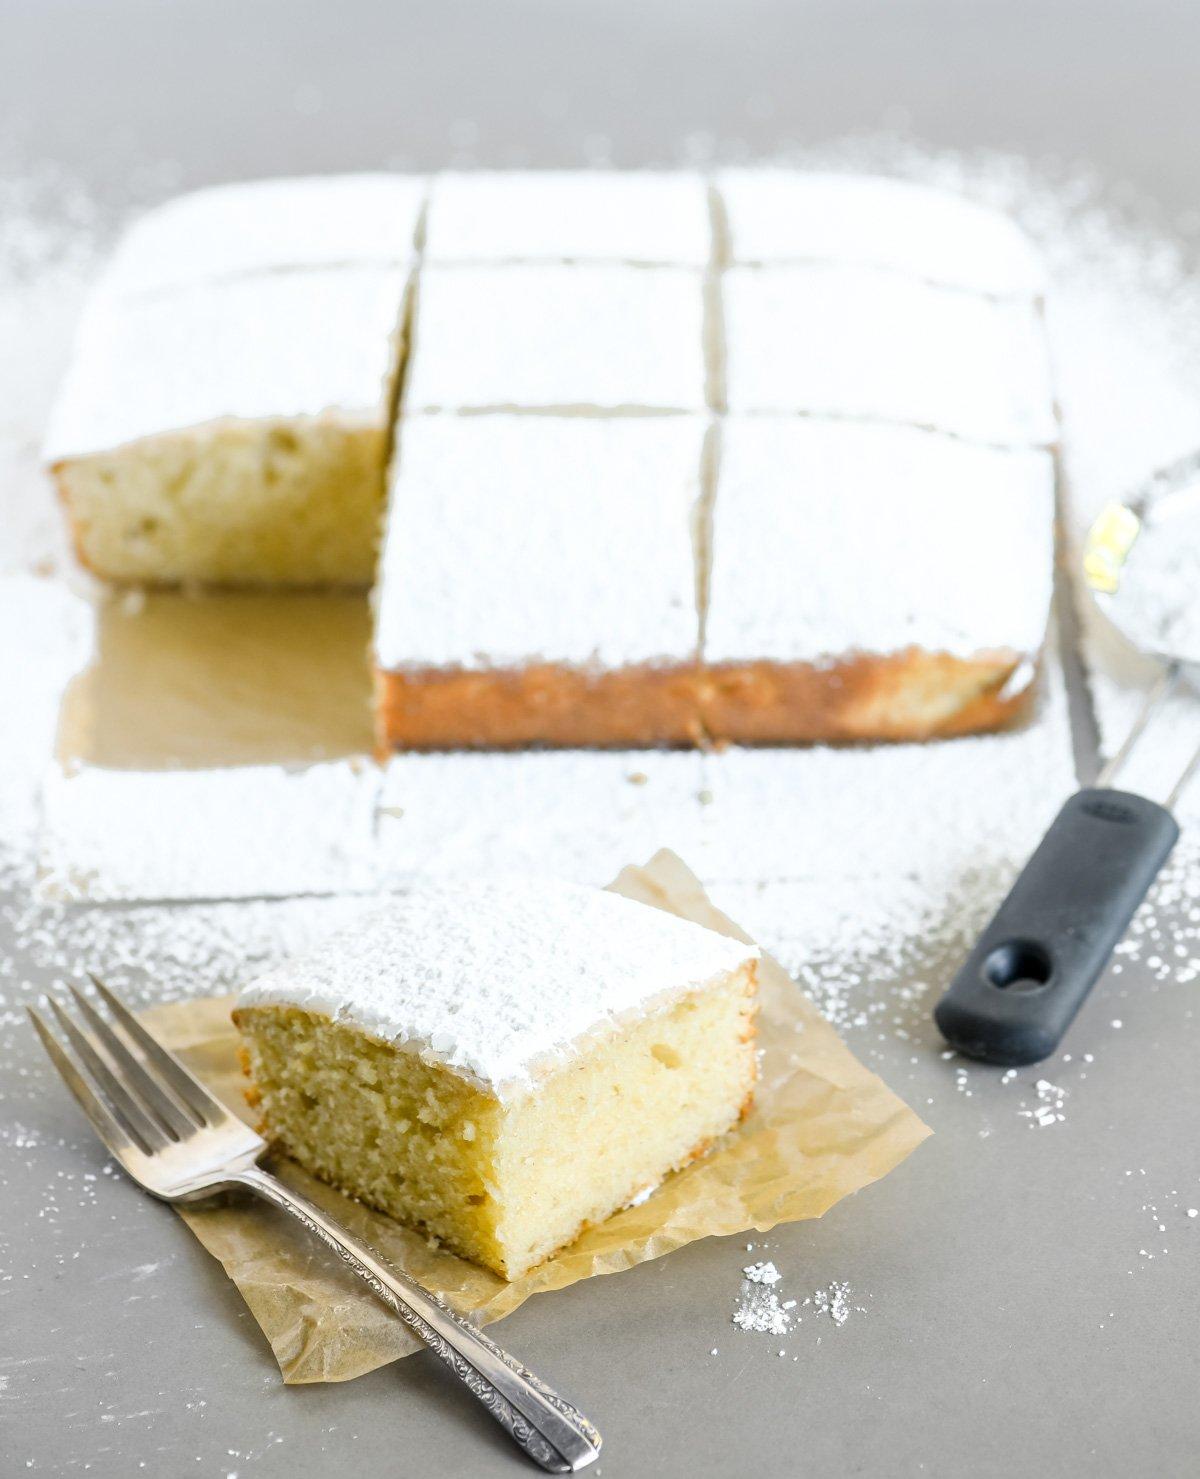 slicing a piece of powdered sugar doughnut cake